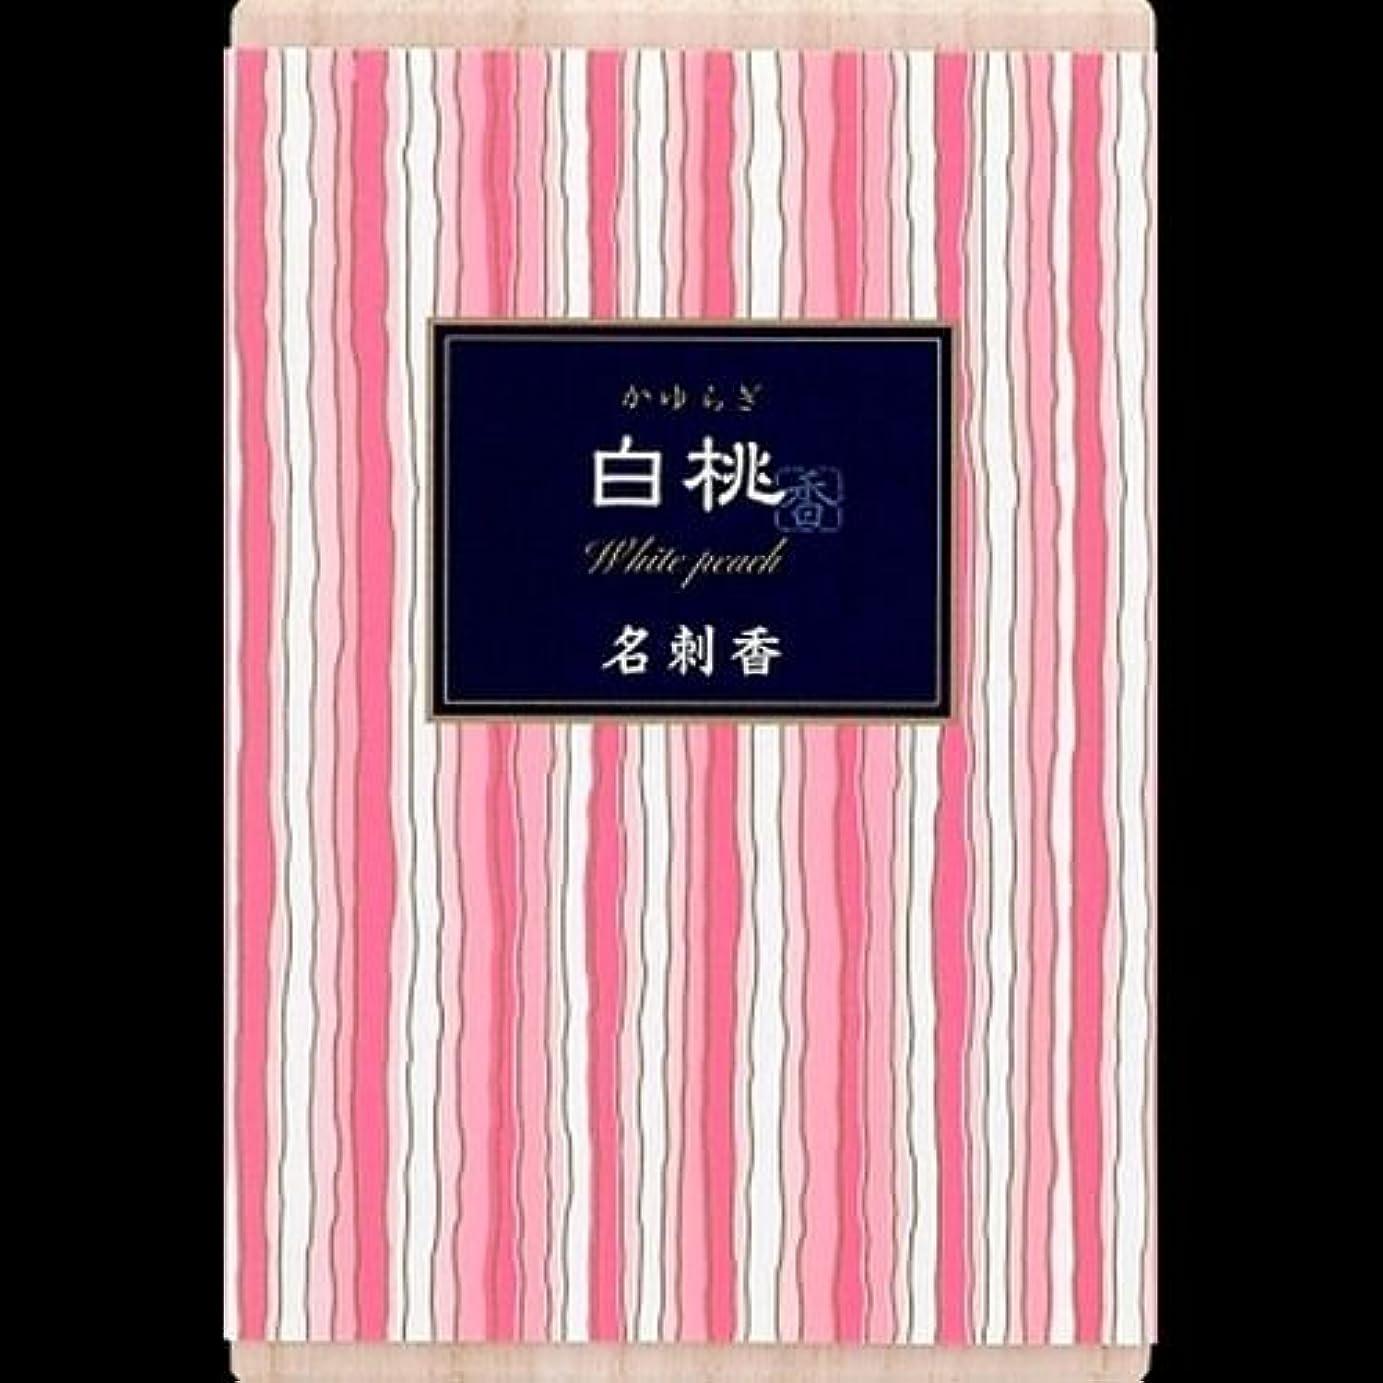 裏切り金曜日チャペル【まとめ買い】かゆらぎ 白桃 名刺香 桐箱 6入 ×2セット